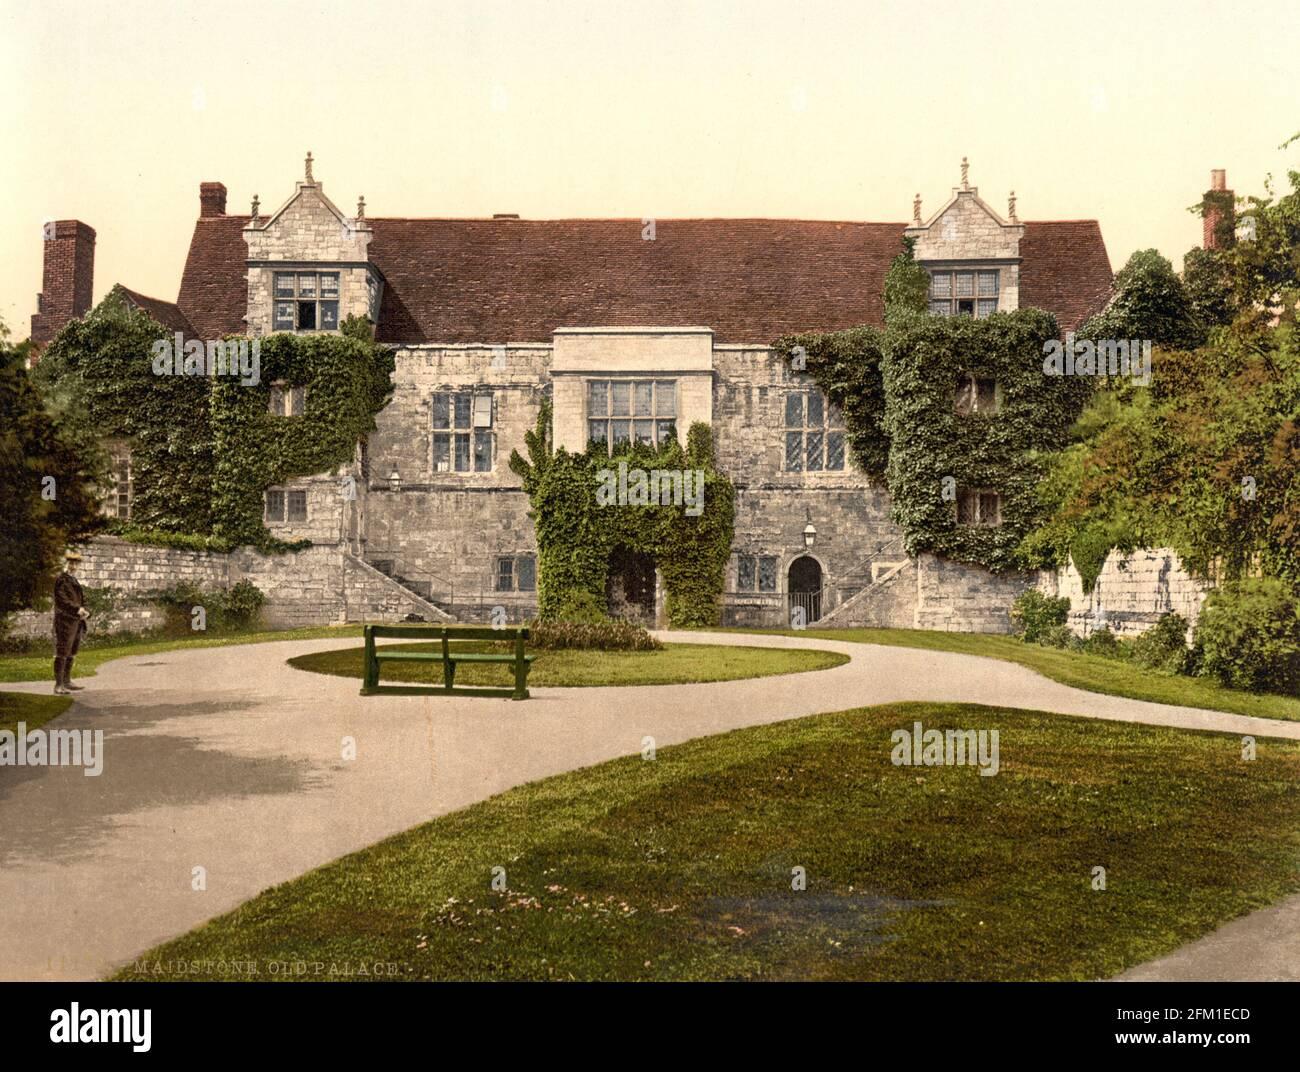 Le Palais de l'Archevêque, Maidstone dans le Kent vers 1890-1900 Banque D'Images